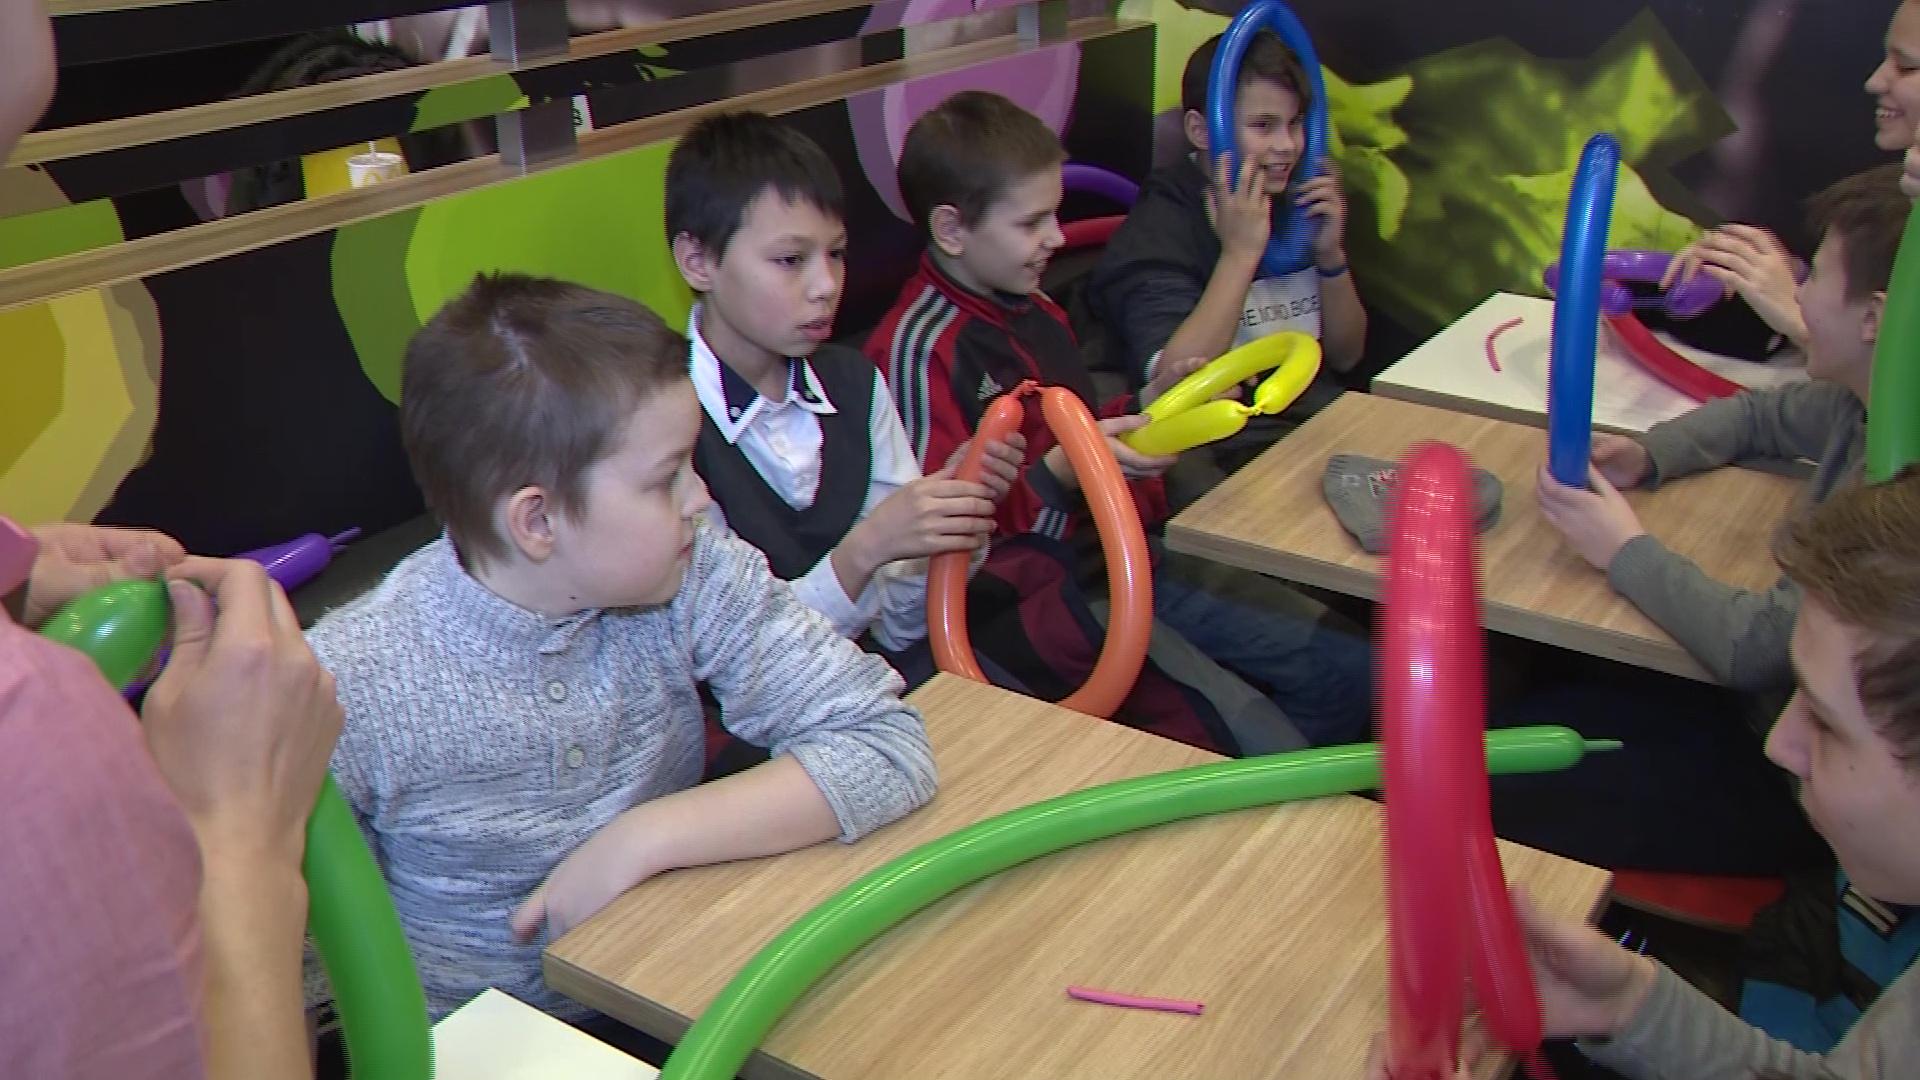 В Ярославле ресторан быстрого питания проводит благотворительную акцию для больных детей